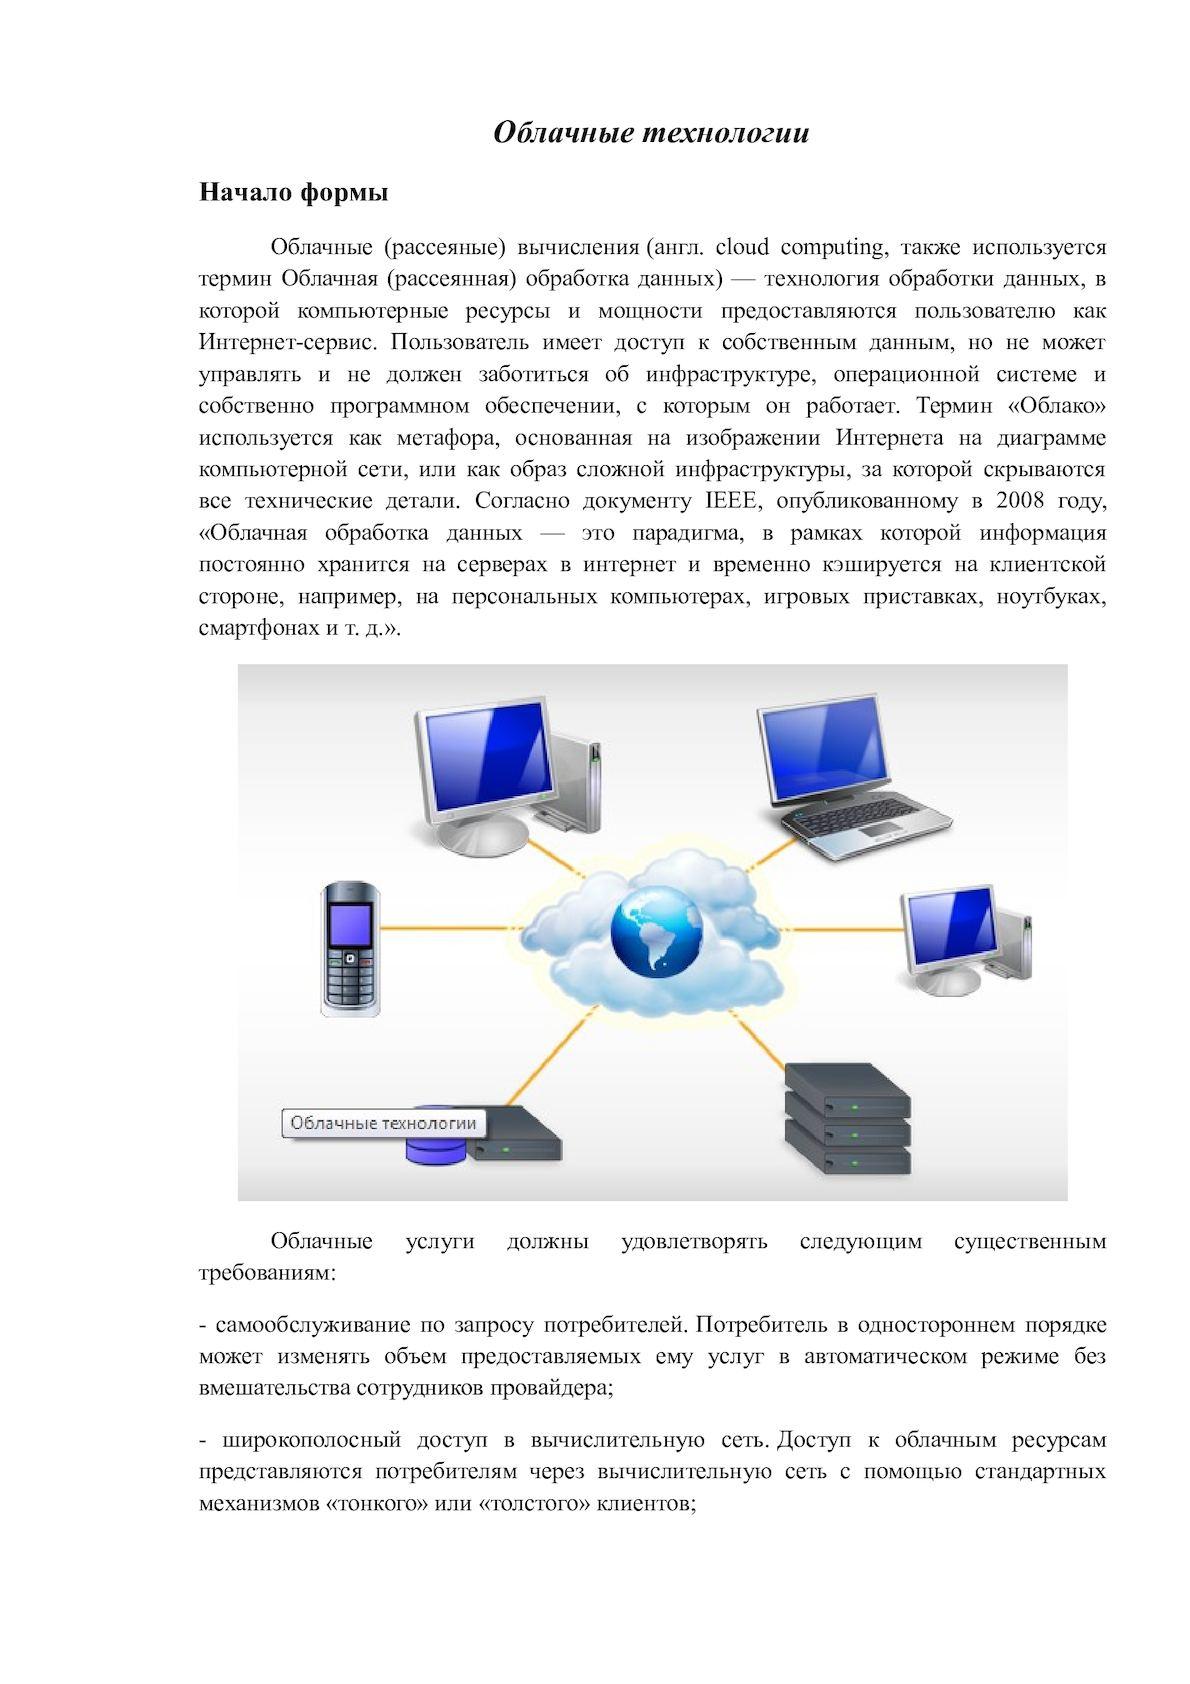 ввести данные при регистрации домена